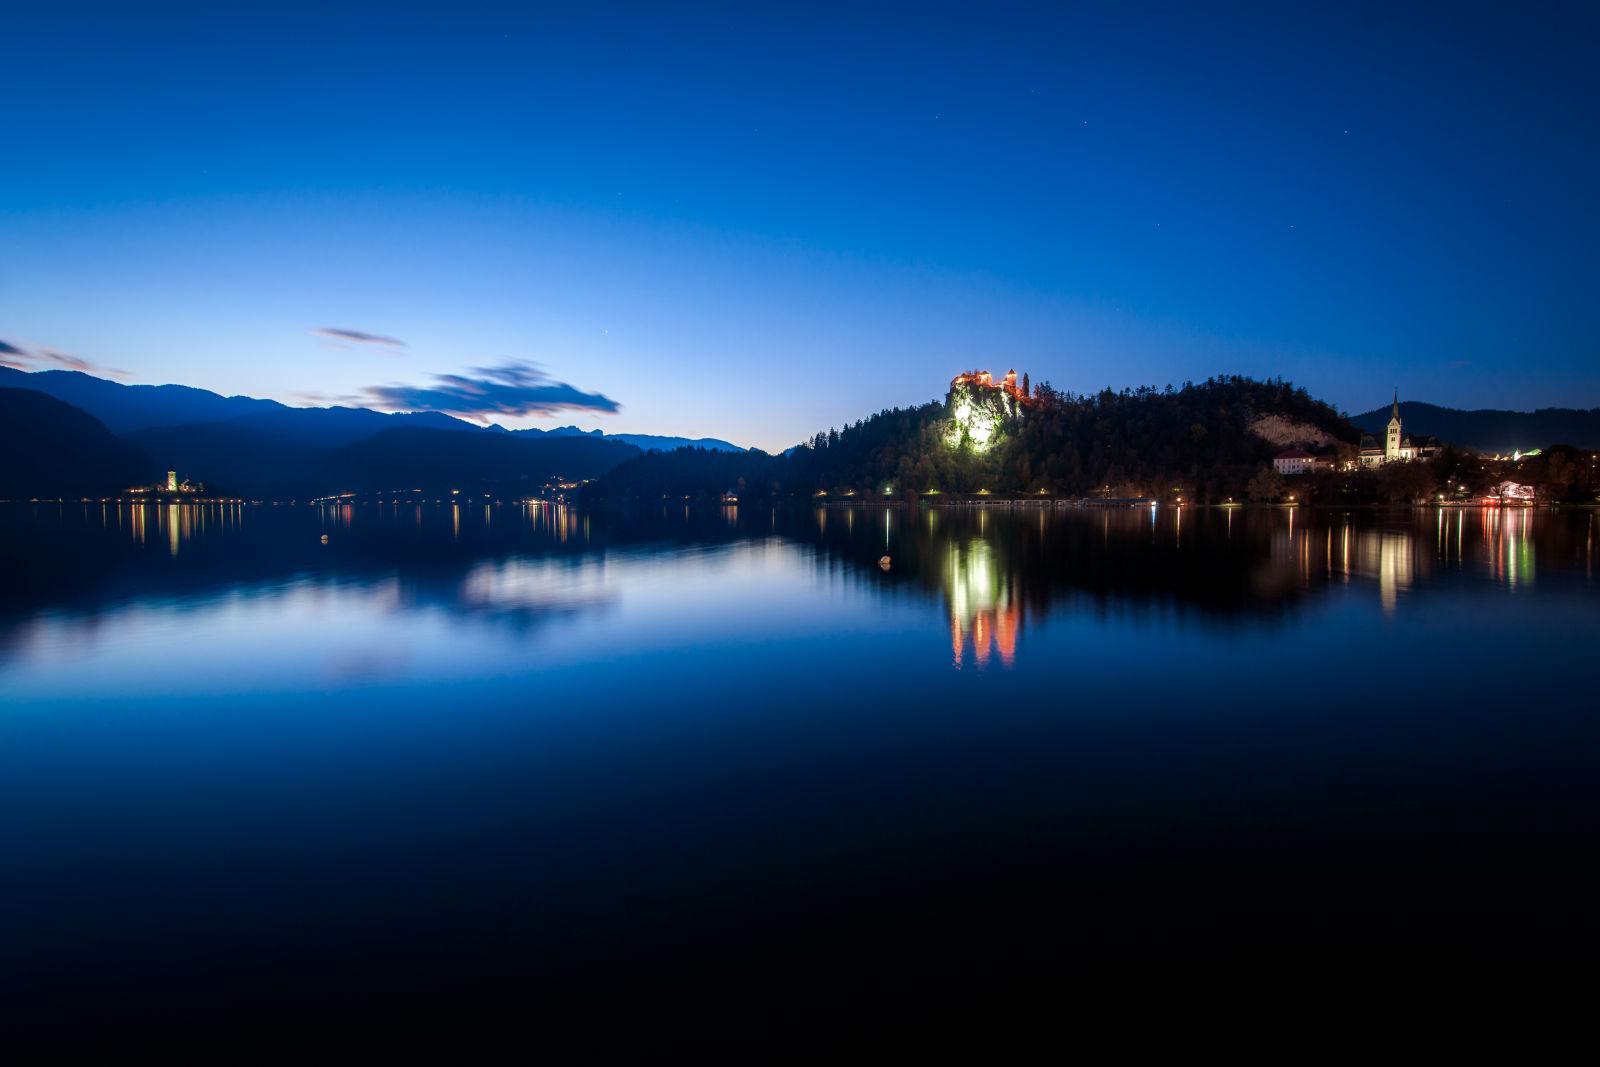 Lake Bled Slovenia at night